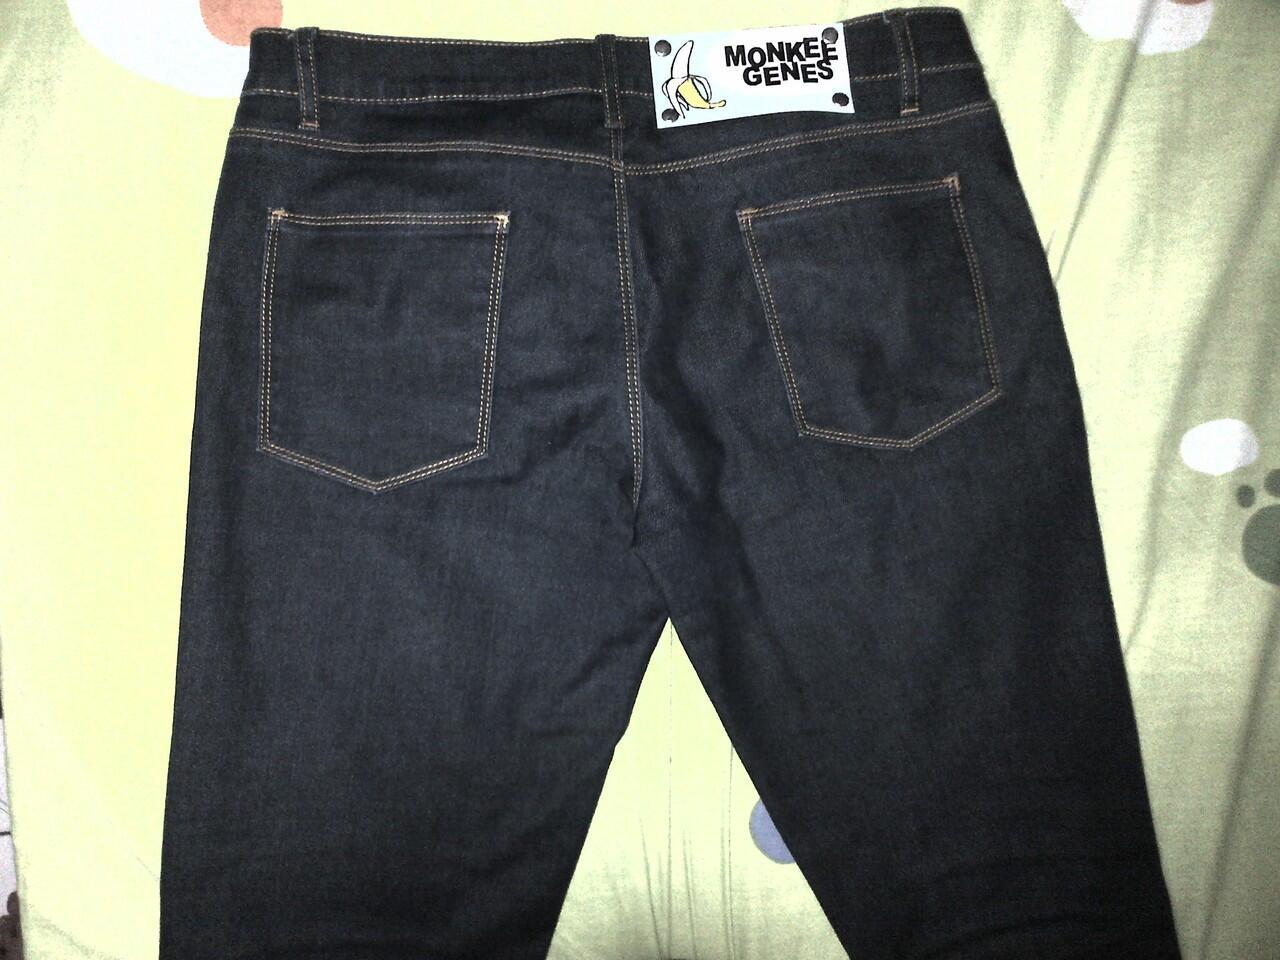 Skinny Jeans Denim Monkee Genes (34)